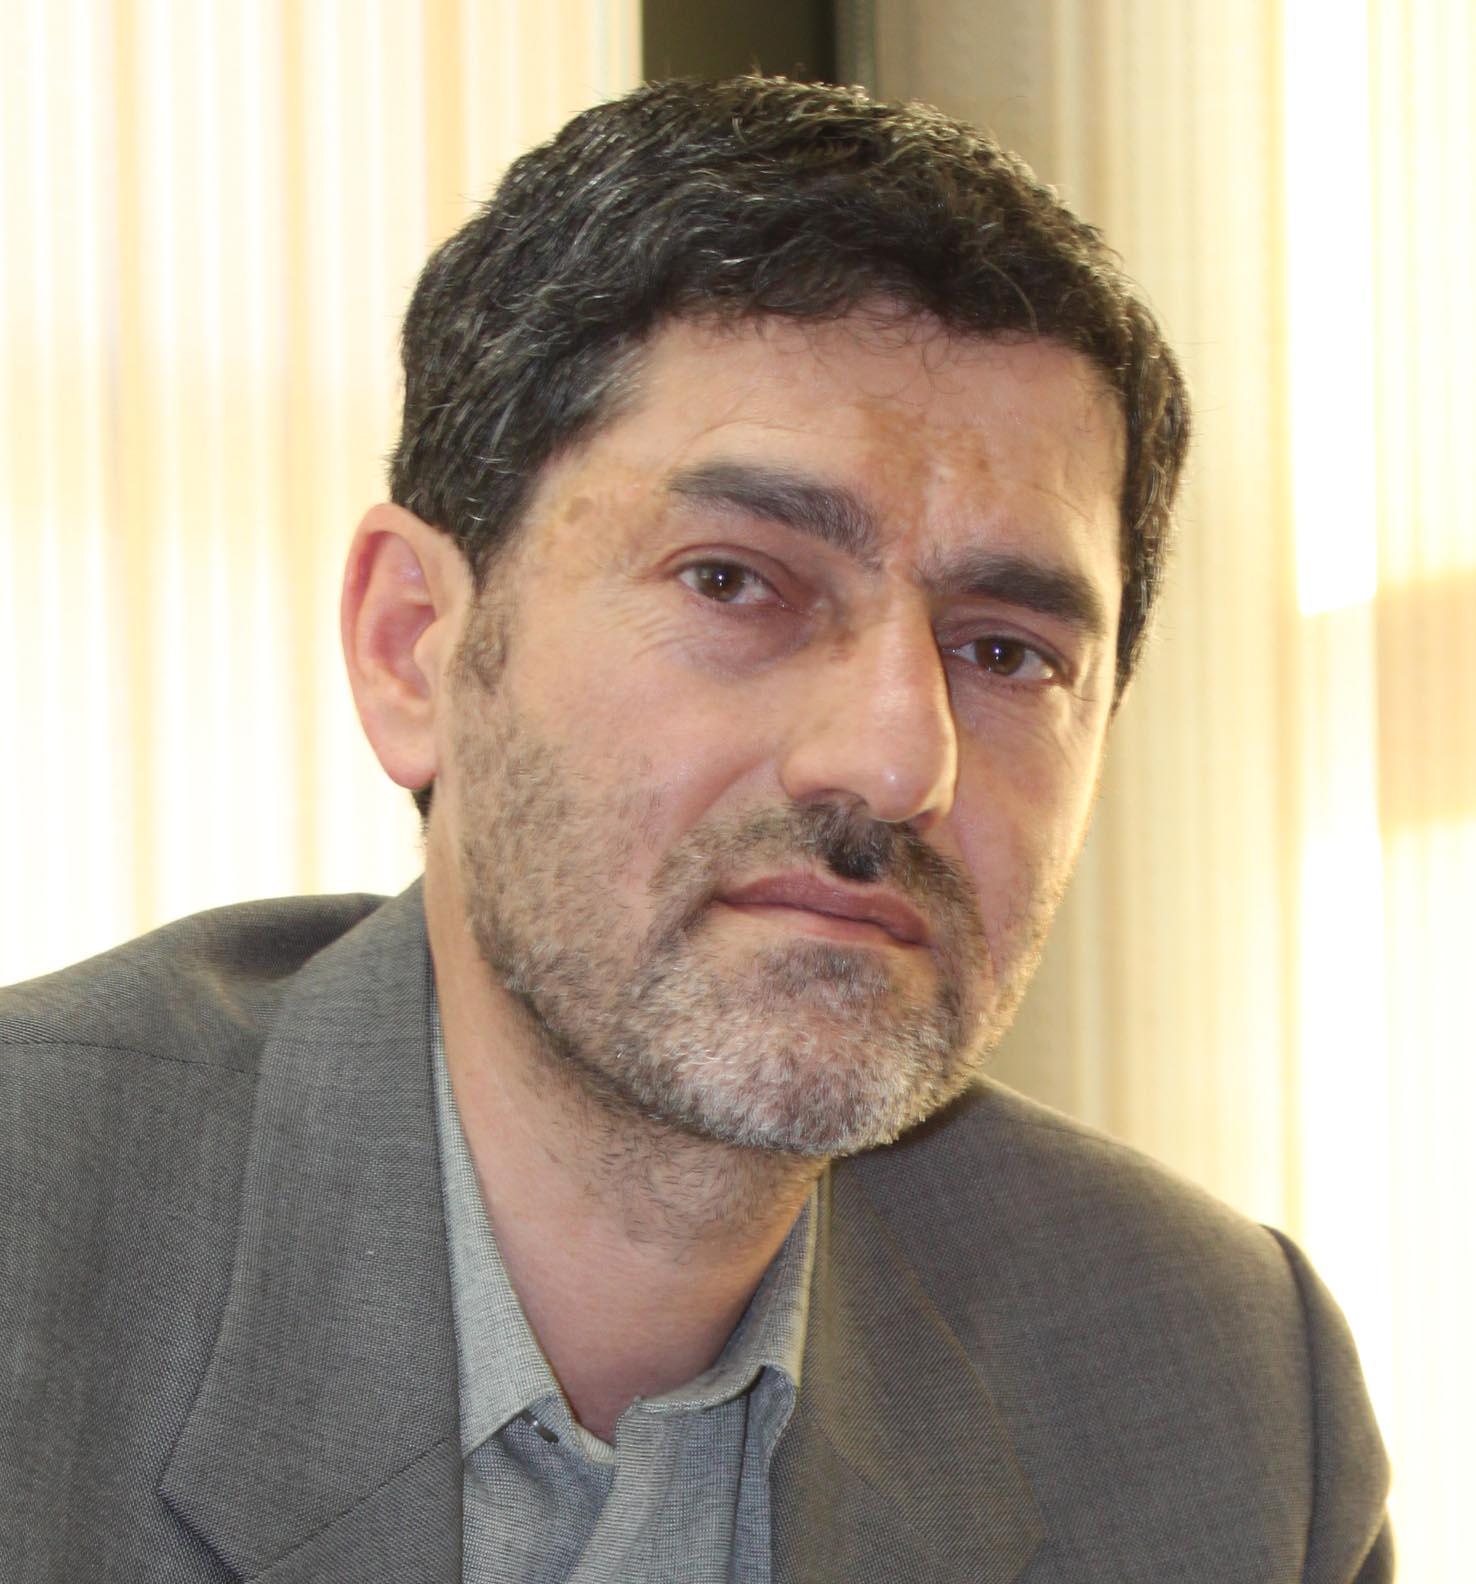 رای اعتماد هیئت وزیران به محمدهادی ایمانیه برای تصدی استانداری استان فارس